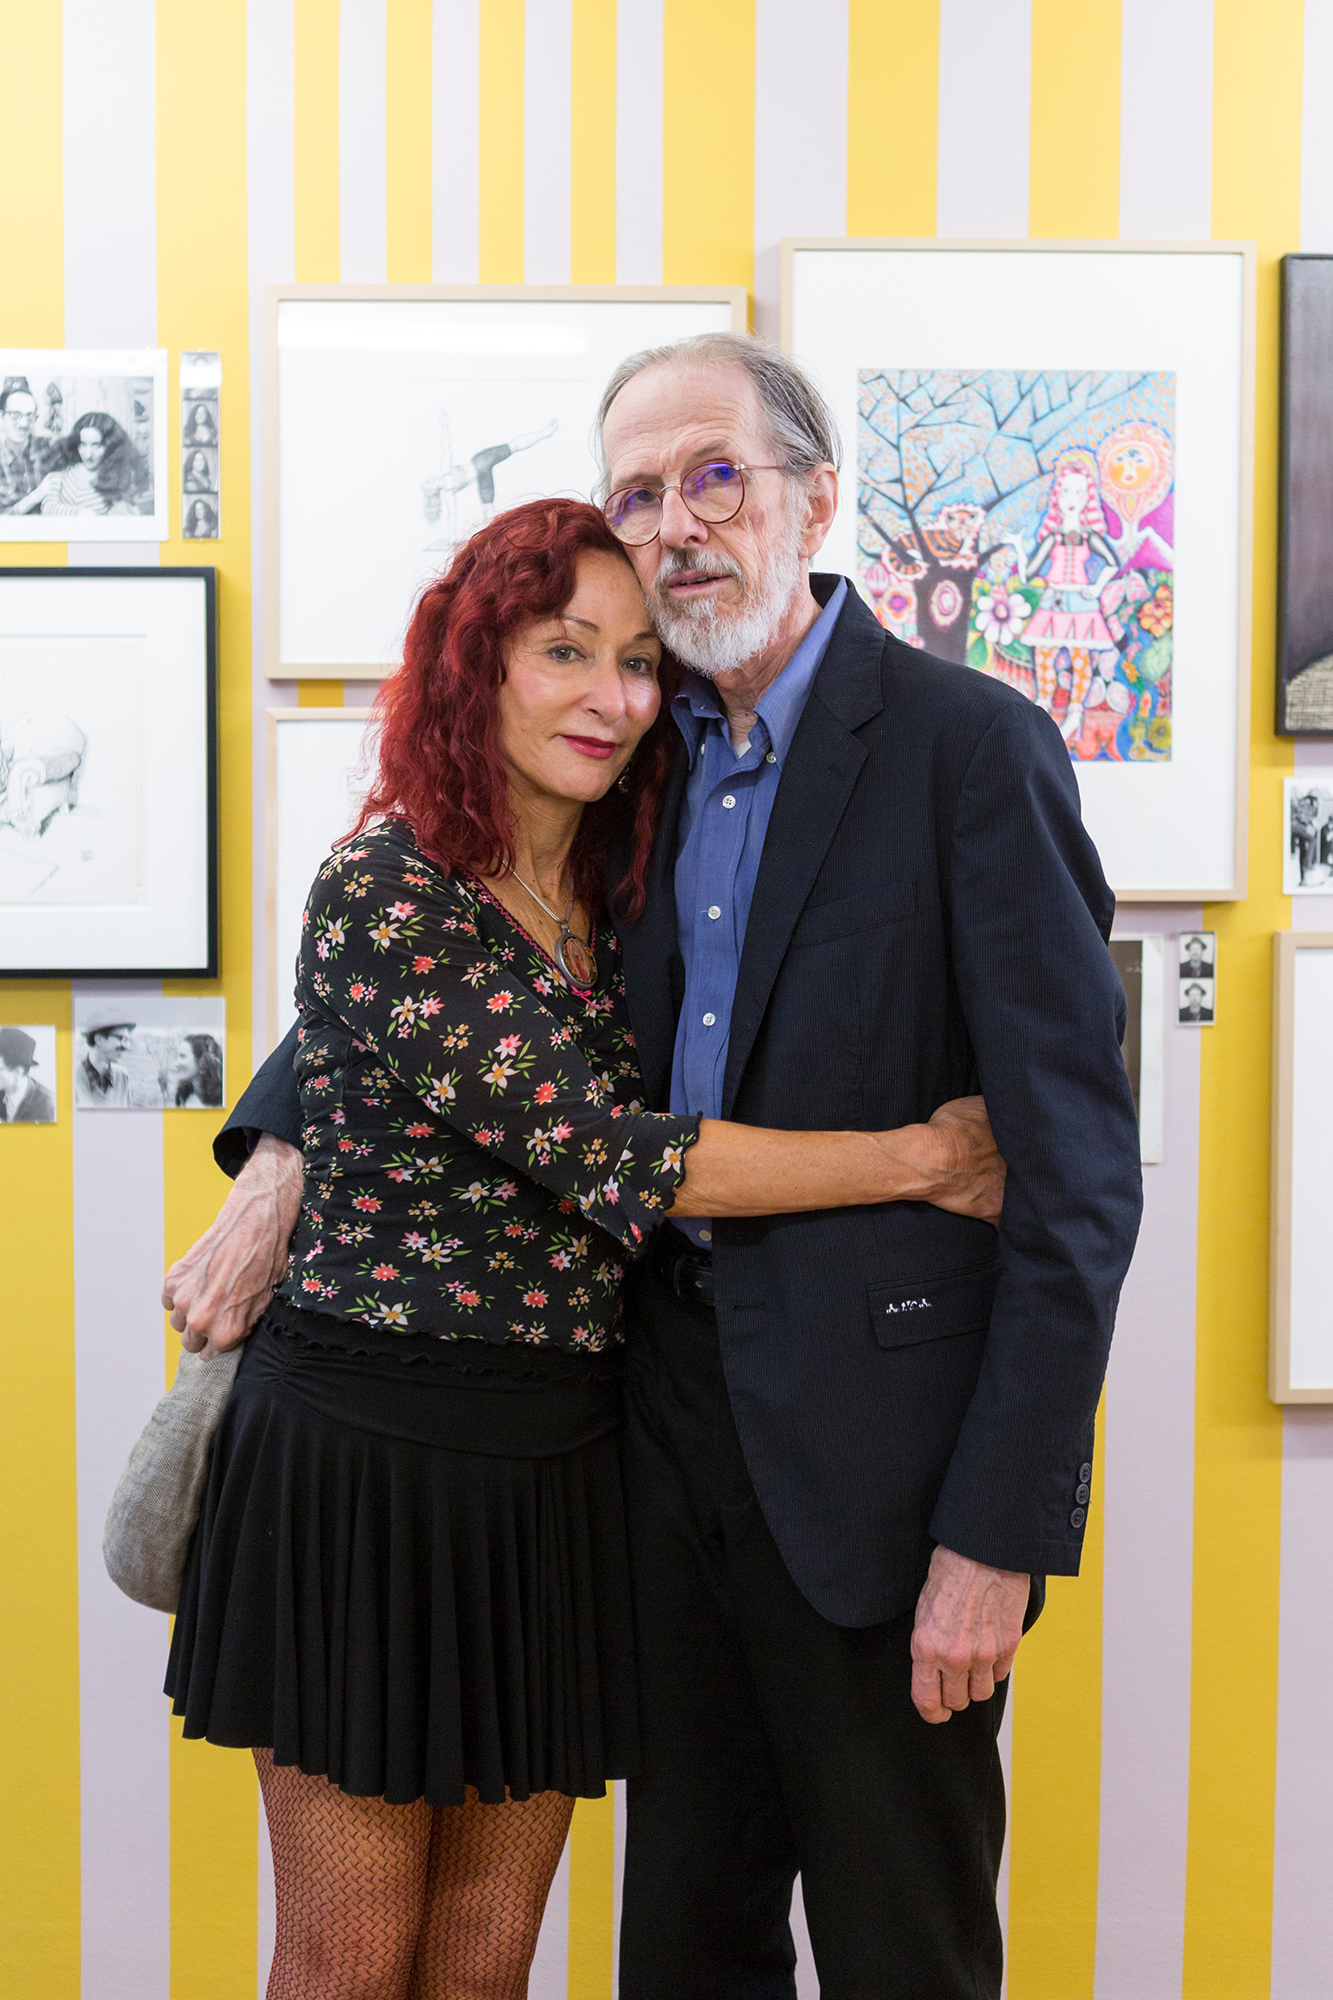 Der grosse Zeichner und seine grosse Zeichnerin: Aline und Robert Crumb in der neuen Ausstellung im Cartoonmuseum.